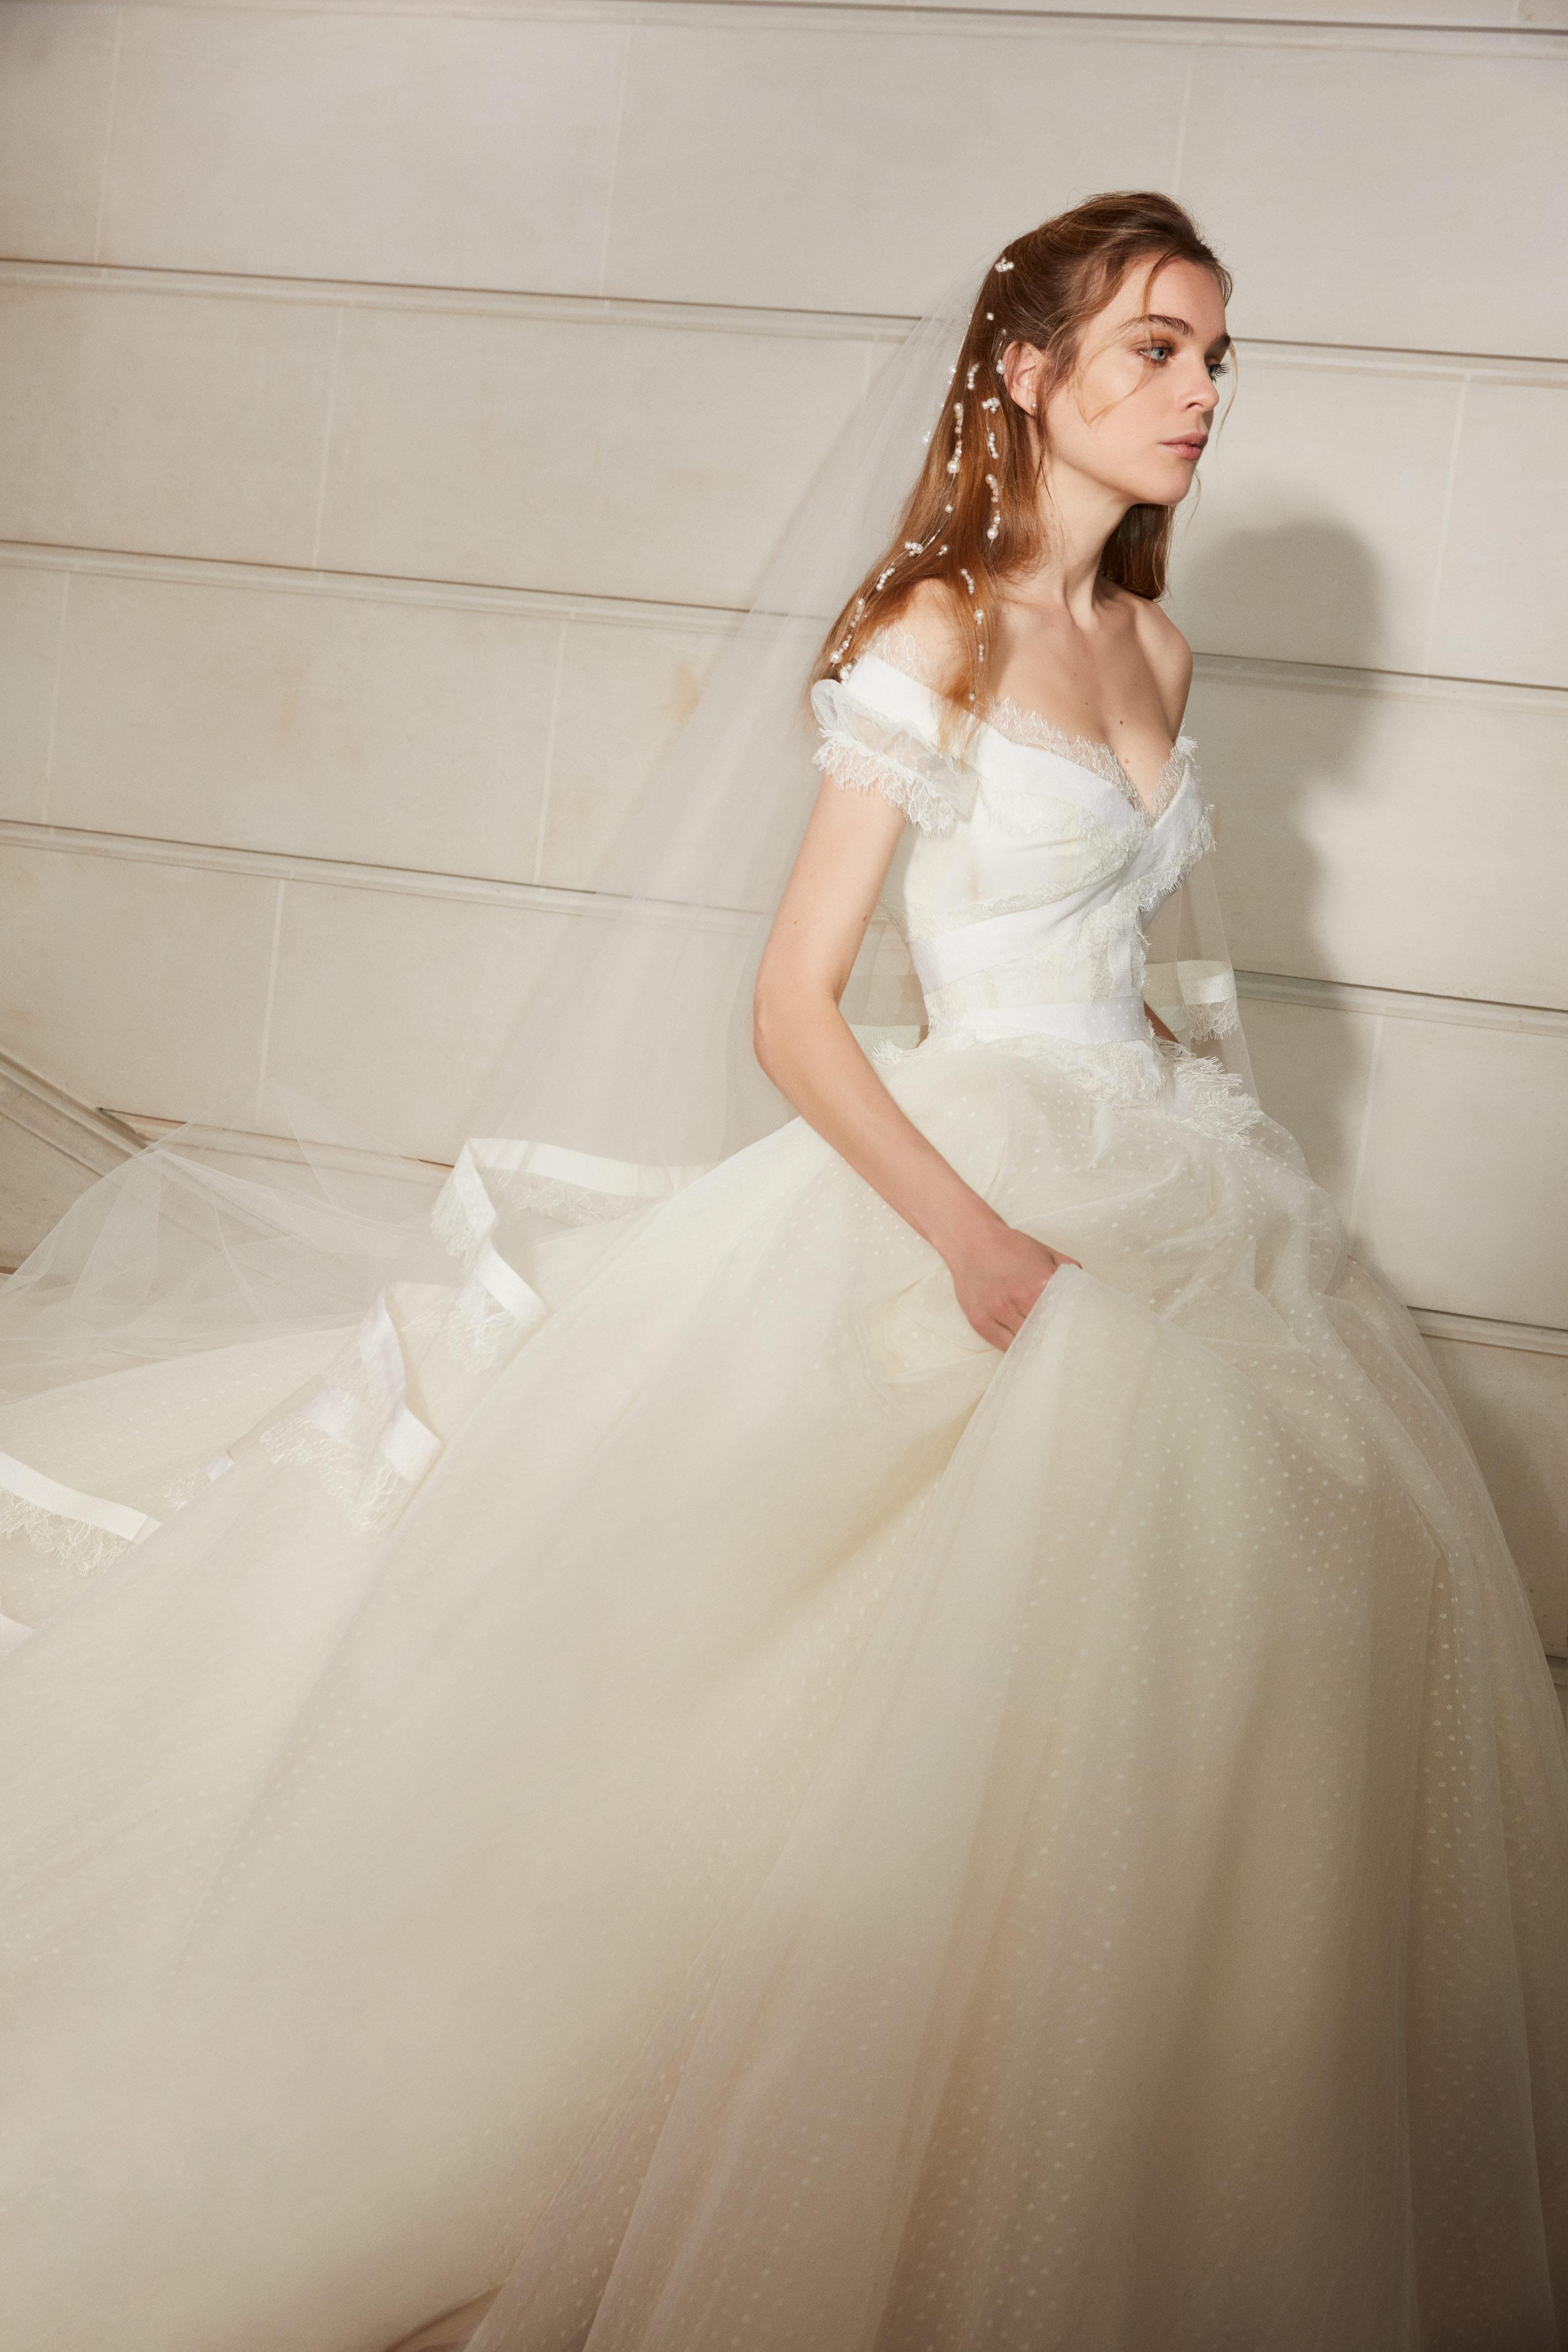 Ausgezeichnet Vestidos De Novia Elie Saab Bilder - Brautkleider ...